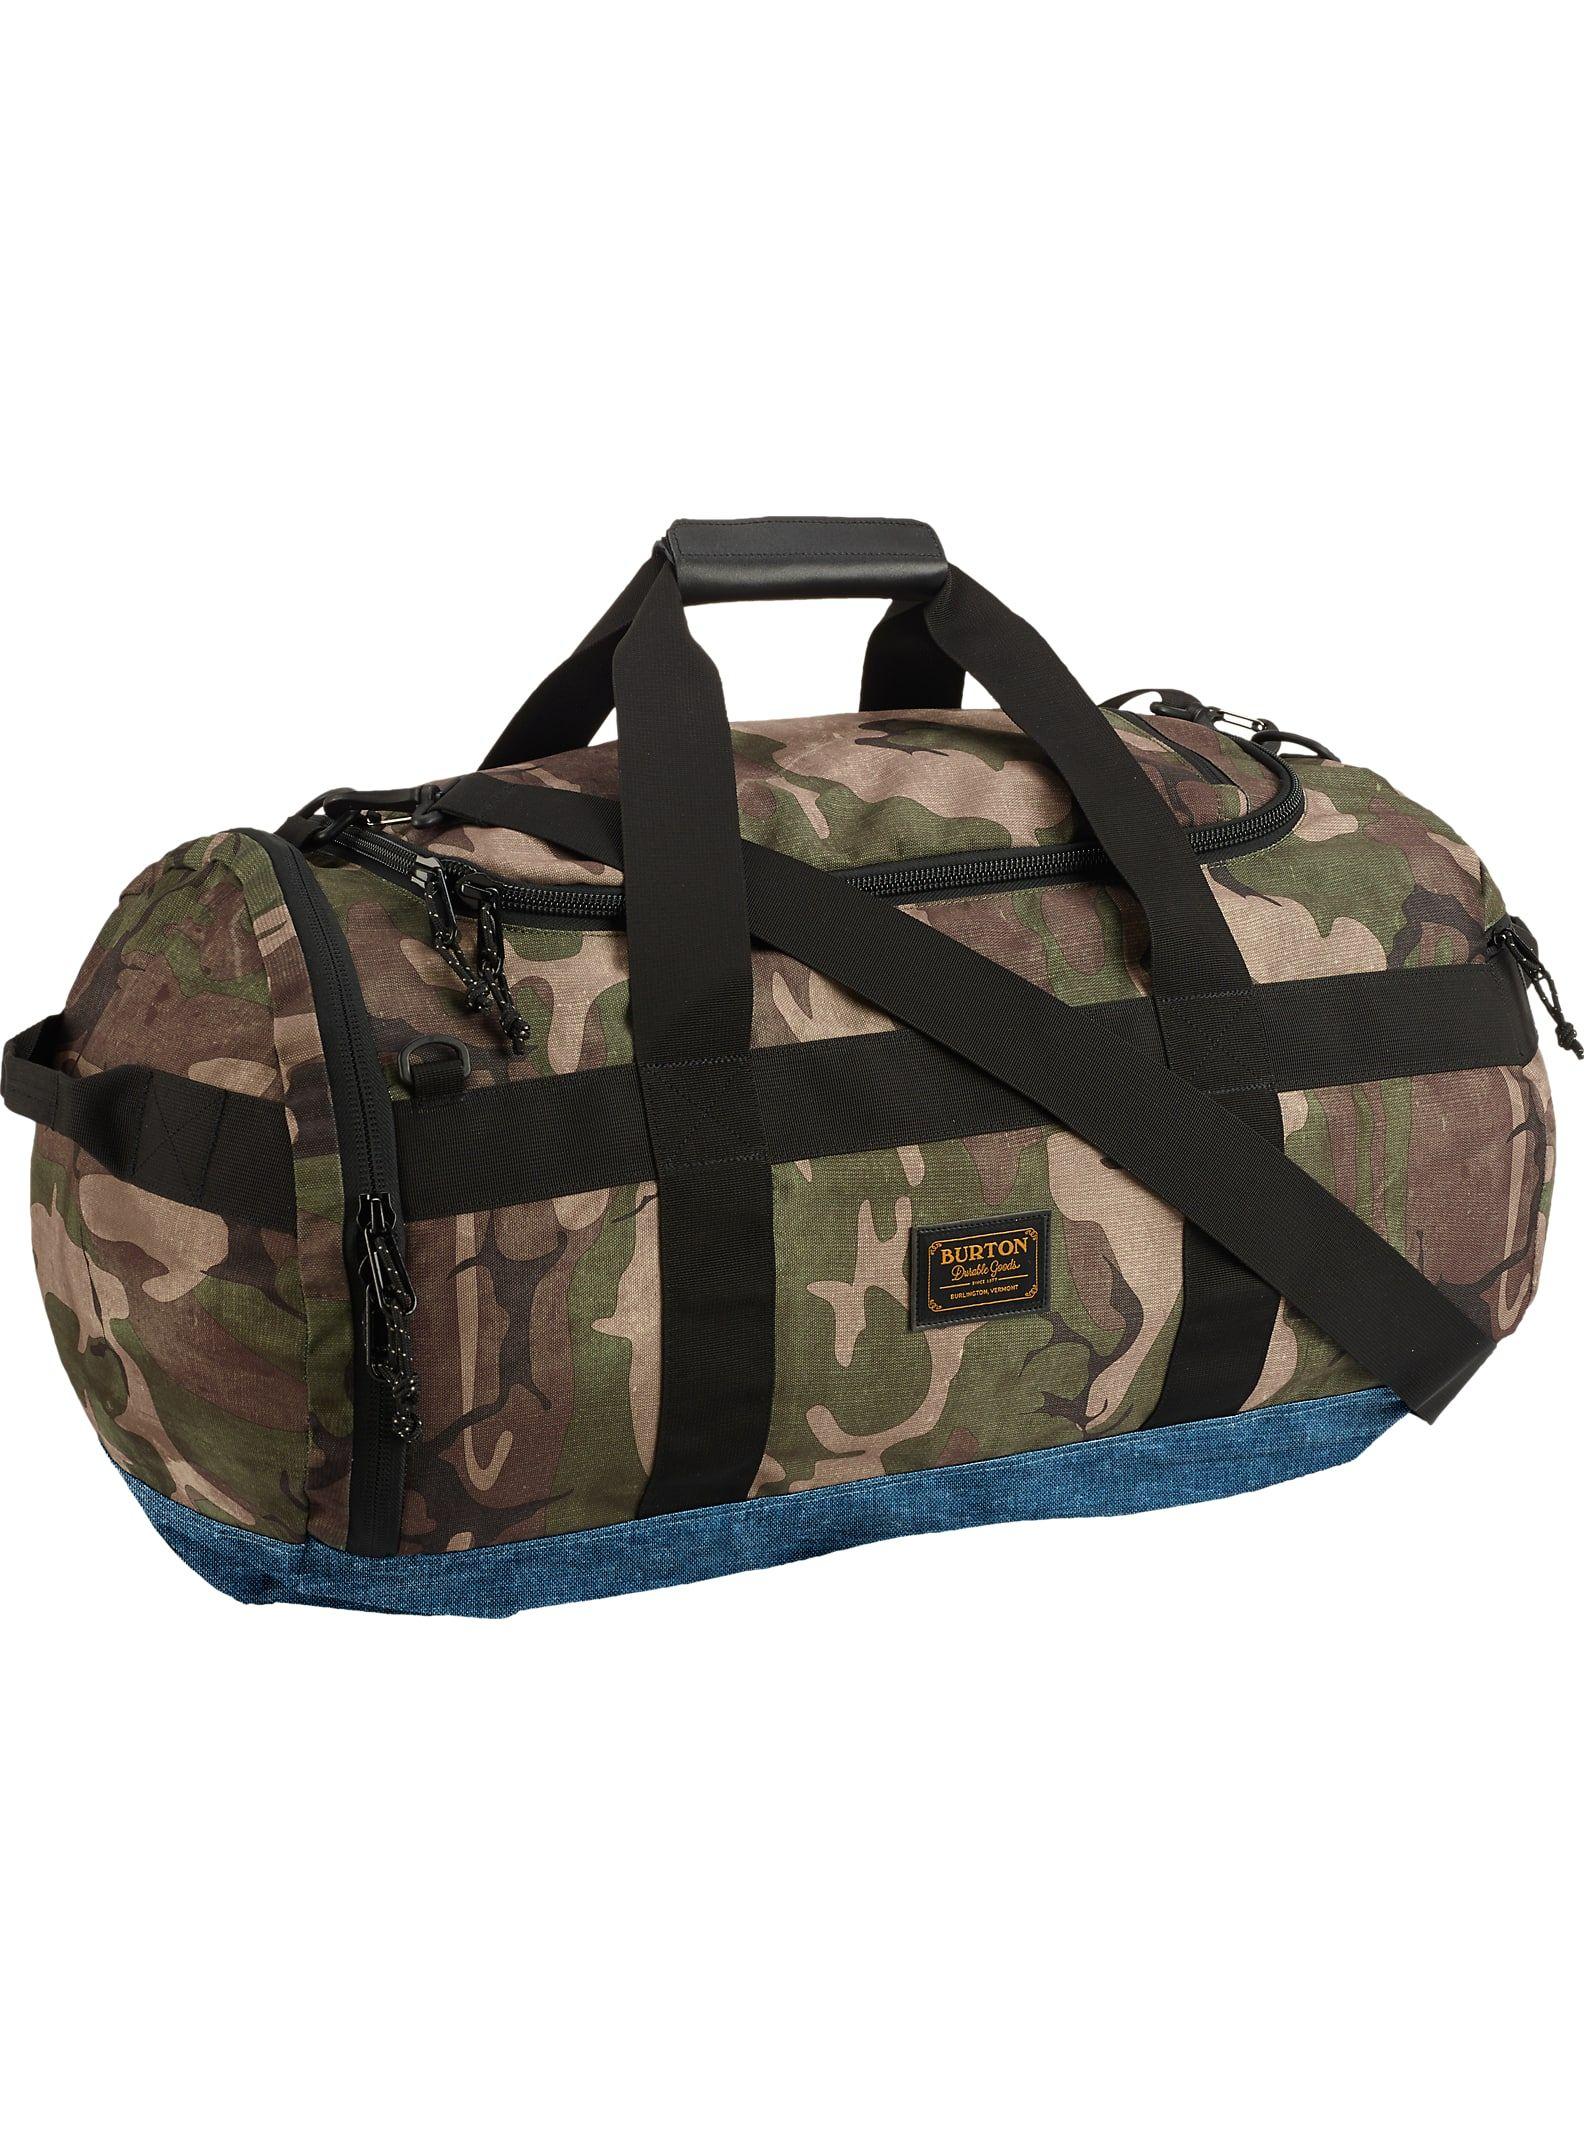 30a8d6fe85 Burton Backhill Duffel Bag Medium 70L